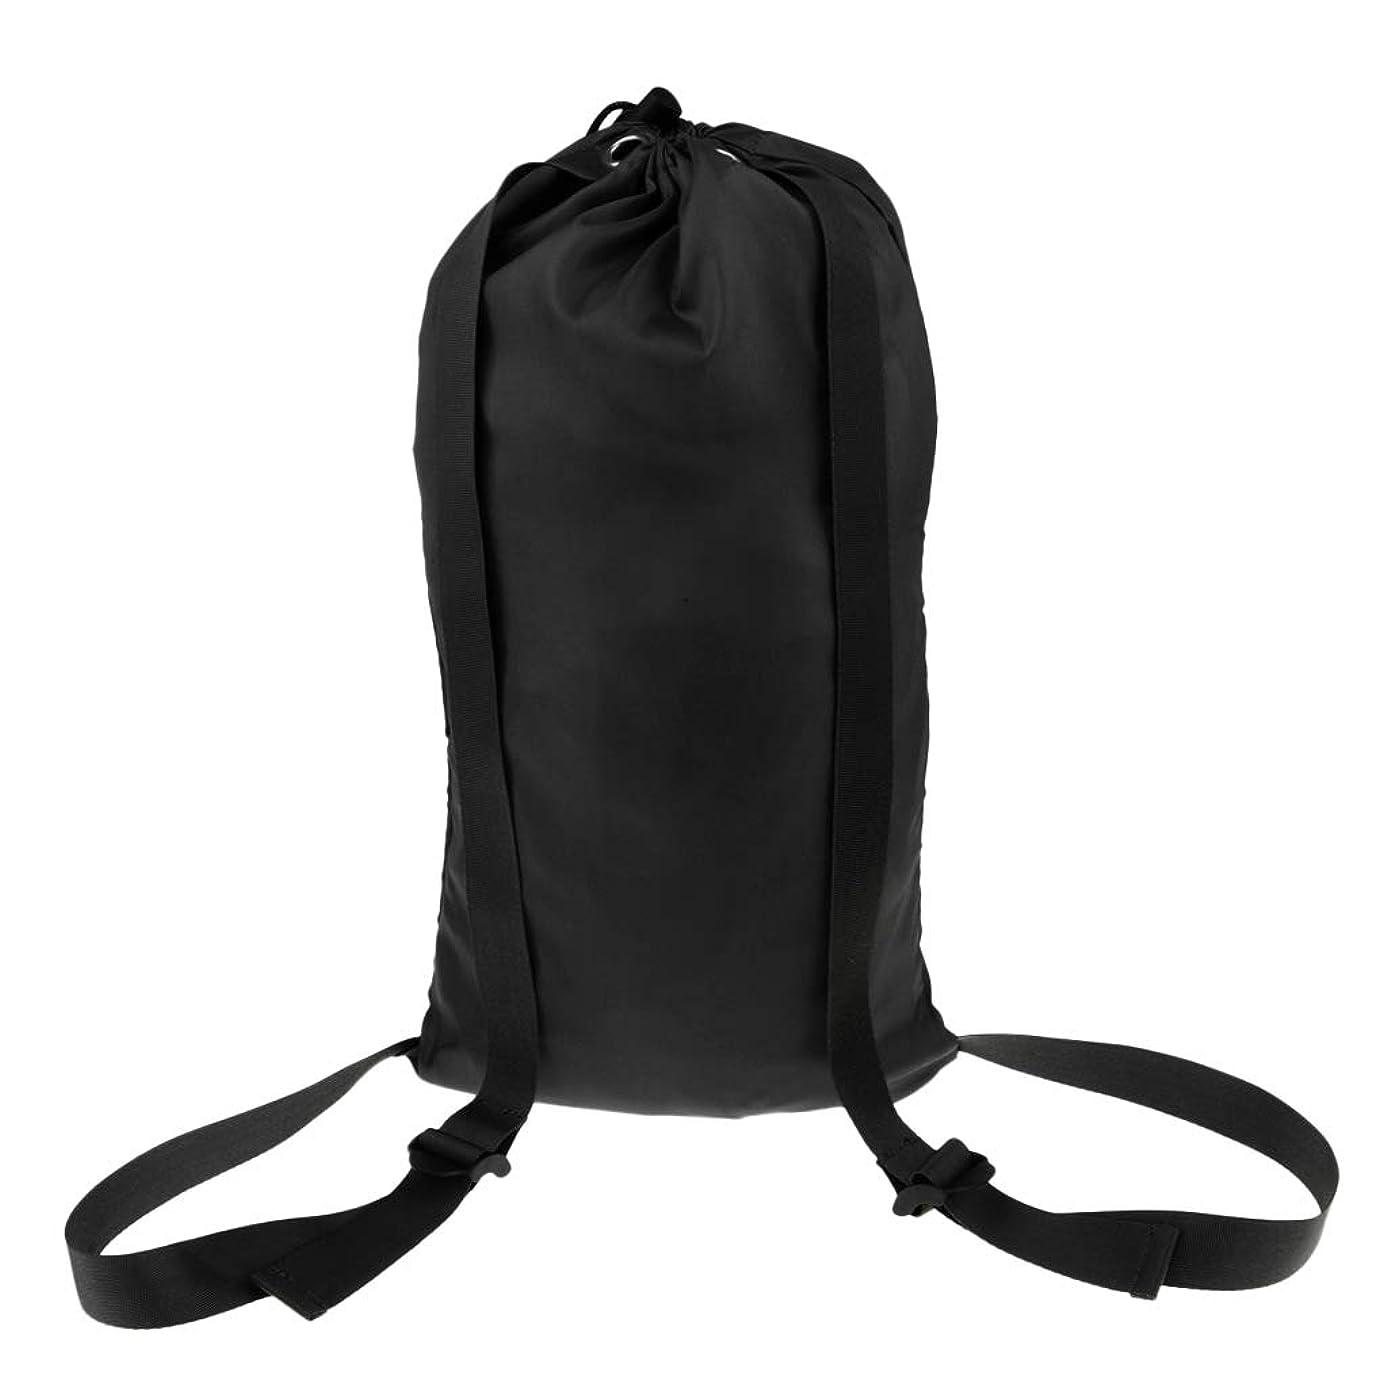 連結するかける細部DYNWAVE 全3色 防水バッグ ビーチバックパック 水泳巾着袋 スイミング カヤック 漂流 セーリング用 軽量 - ブラック